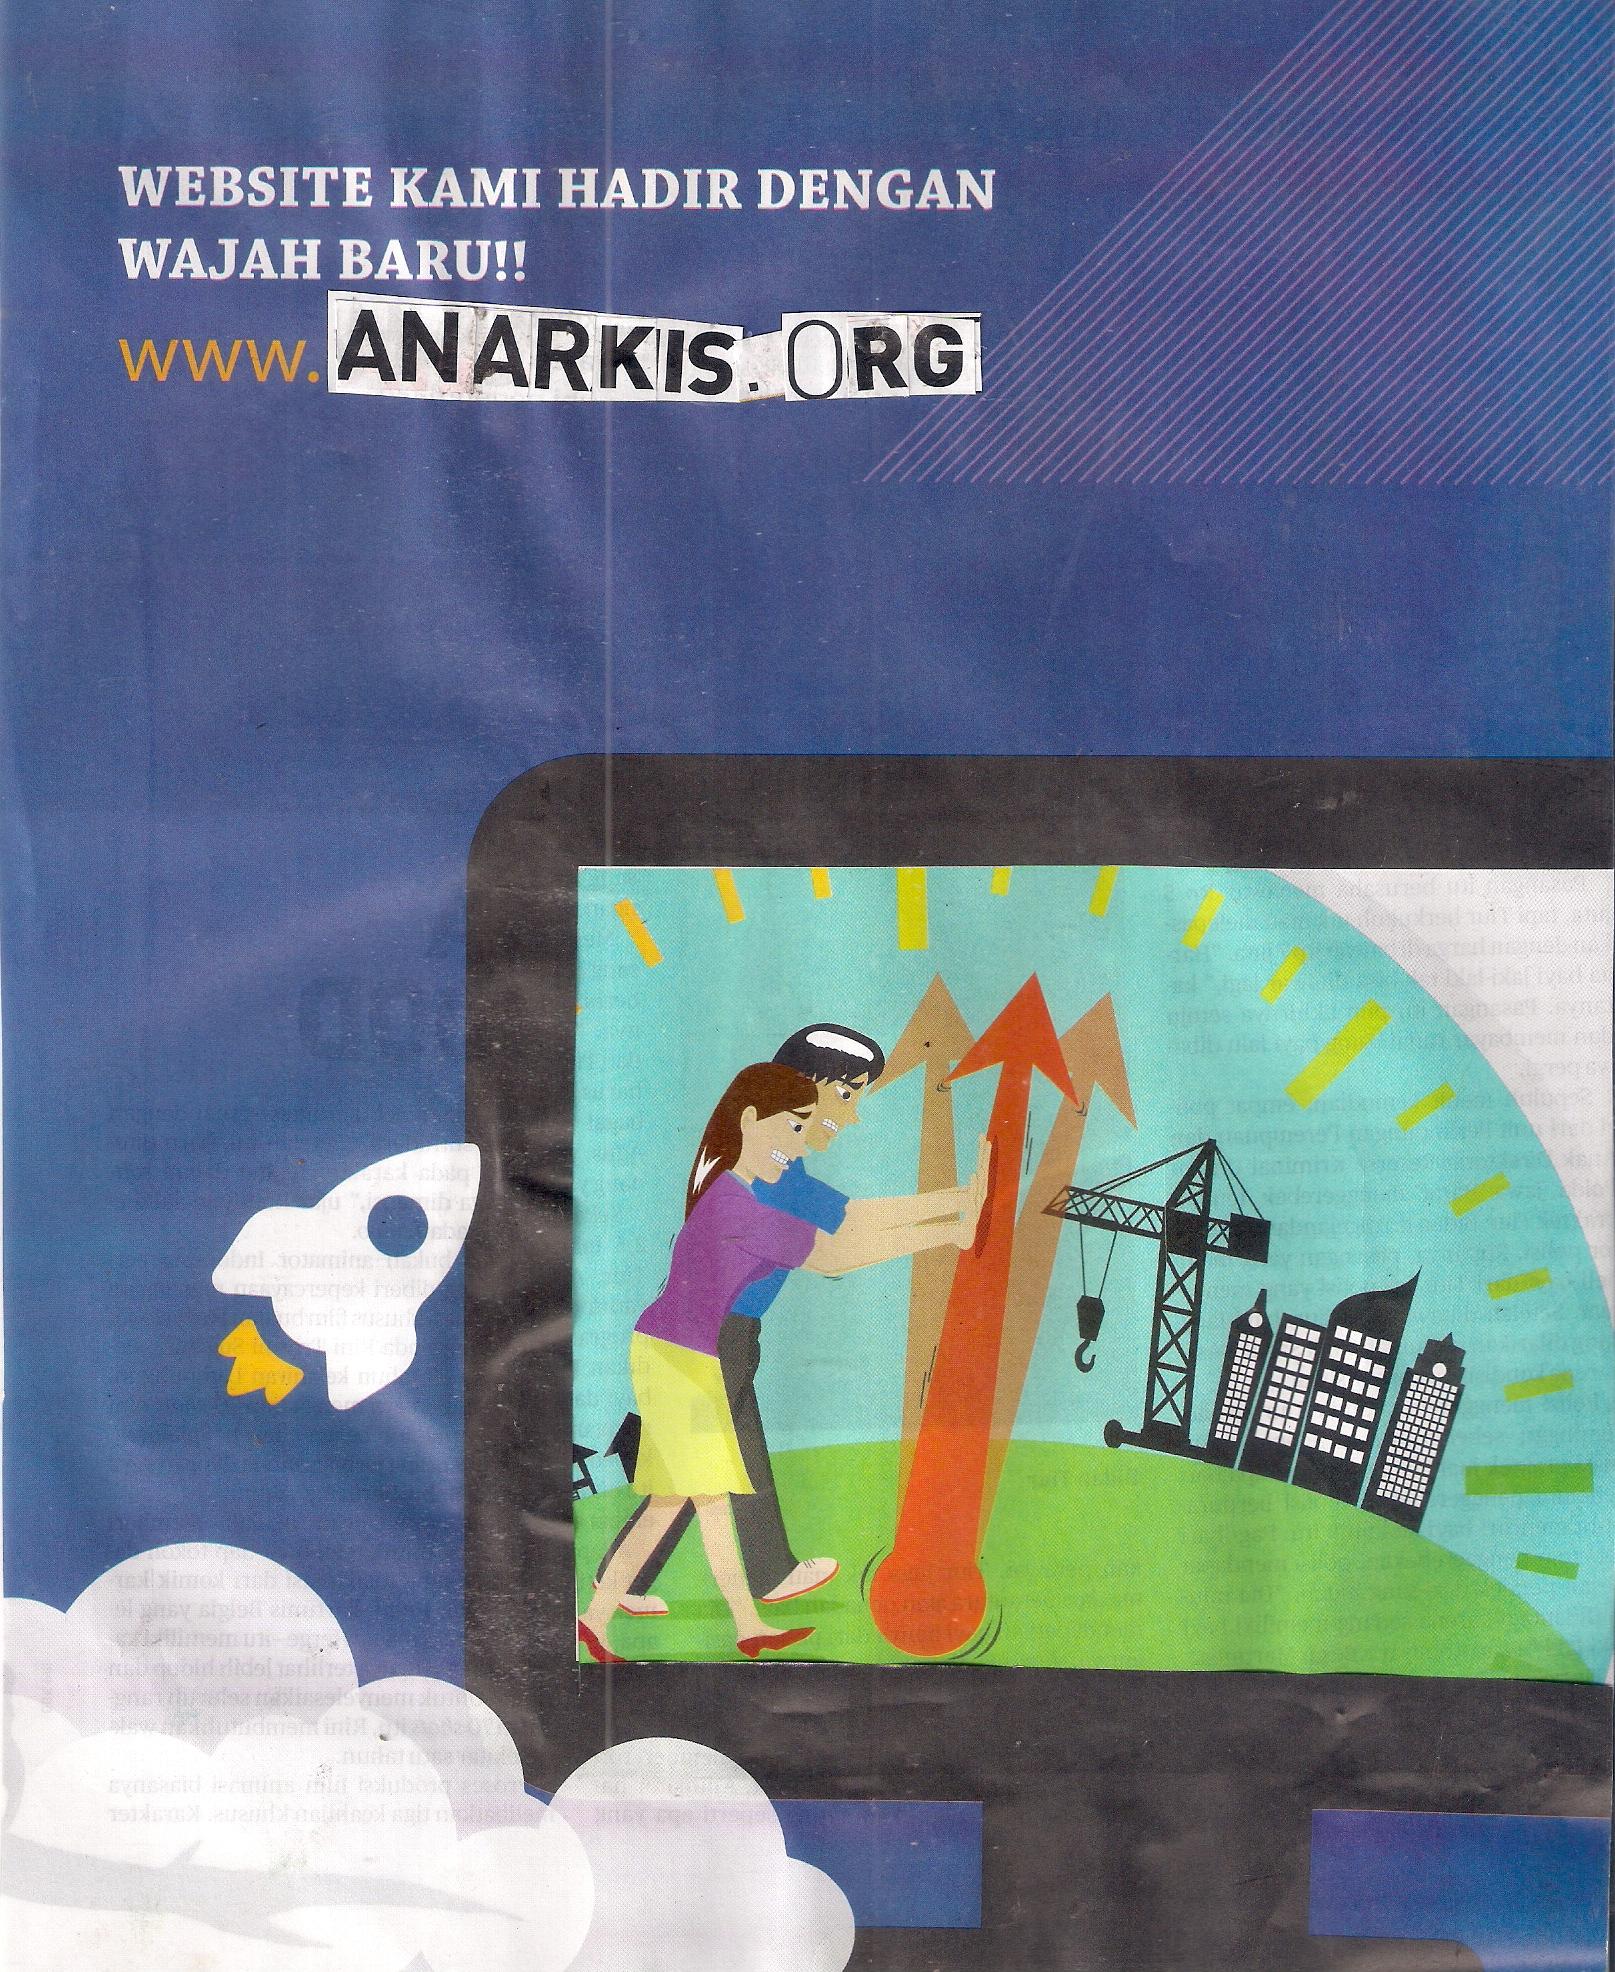 anarkis.org karya: senar togok